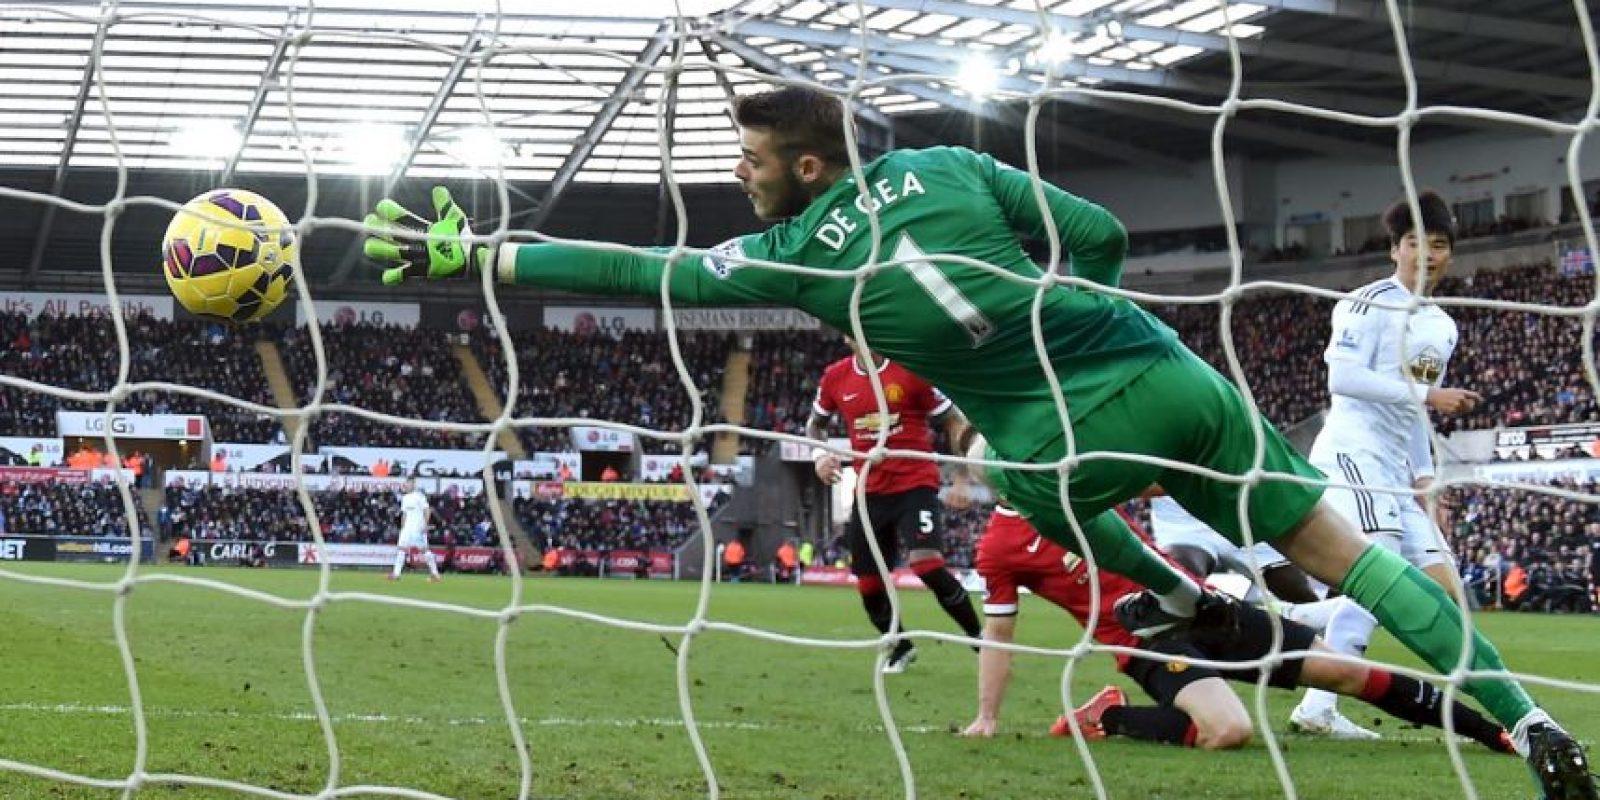 El español es el guardavallas del Manchester United Foto:Getty Images